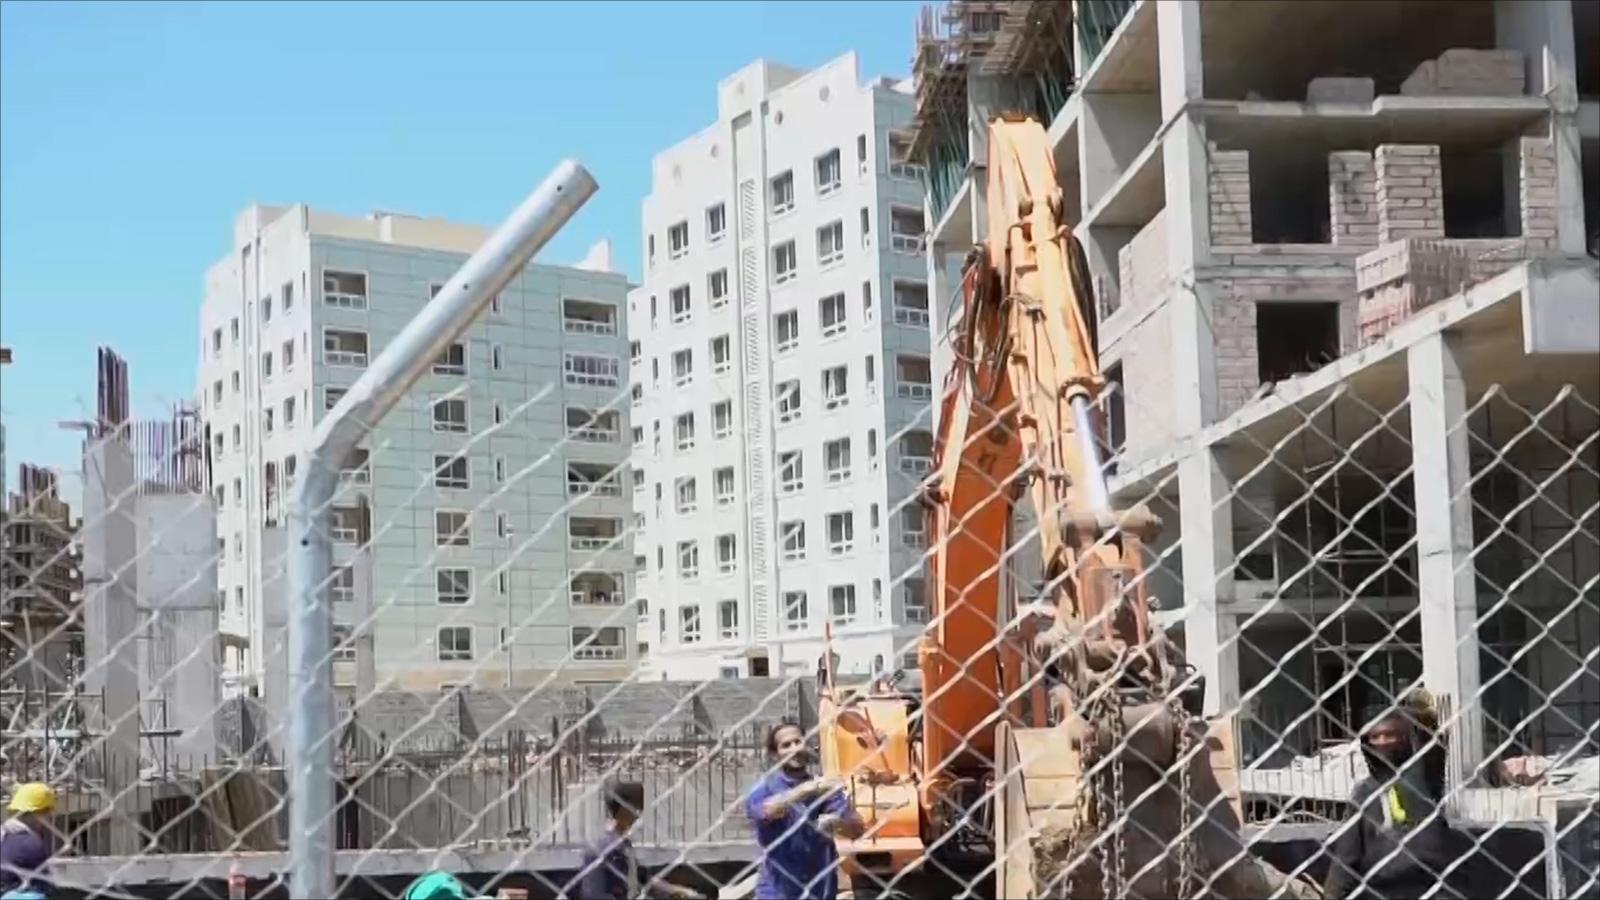 انخفاض ملموس في معدل البطالة بكردستان العراق | عراق | الجزيرة نت